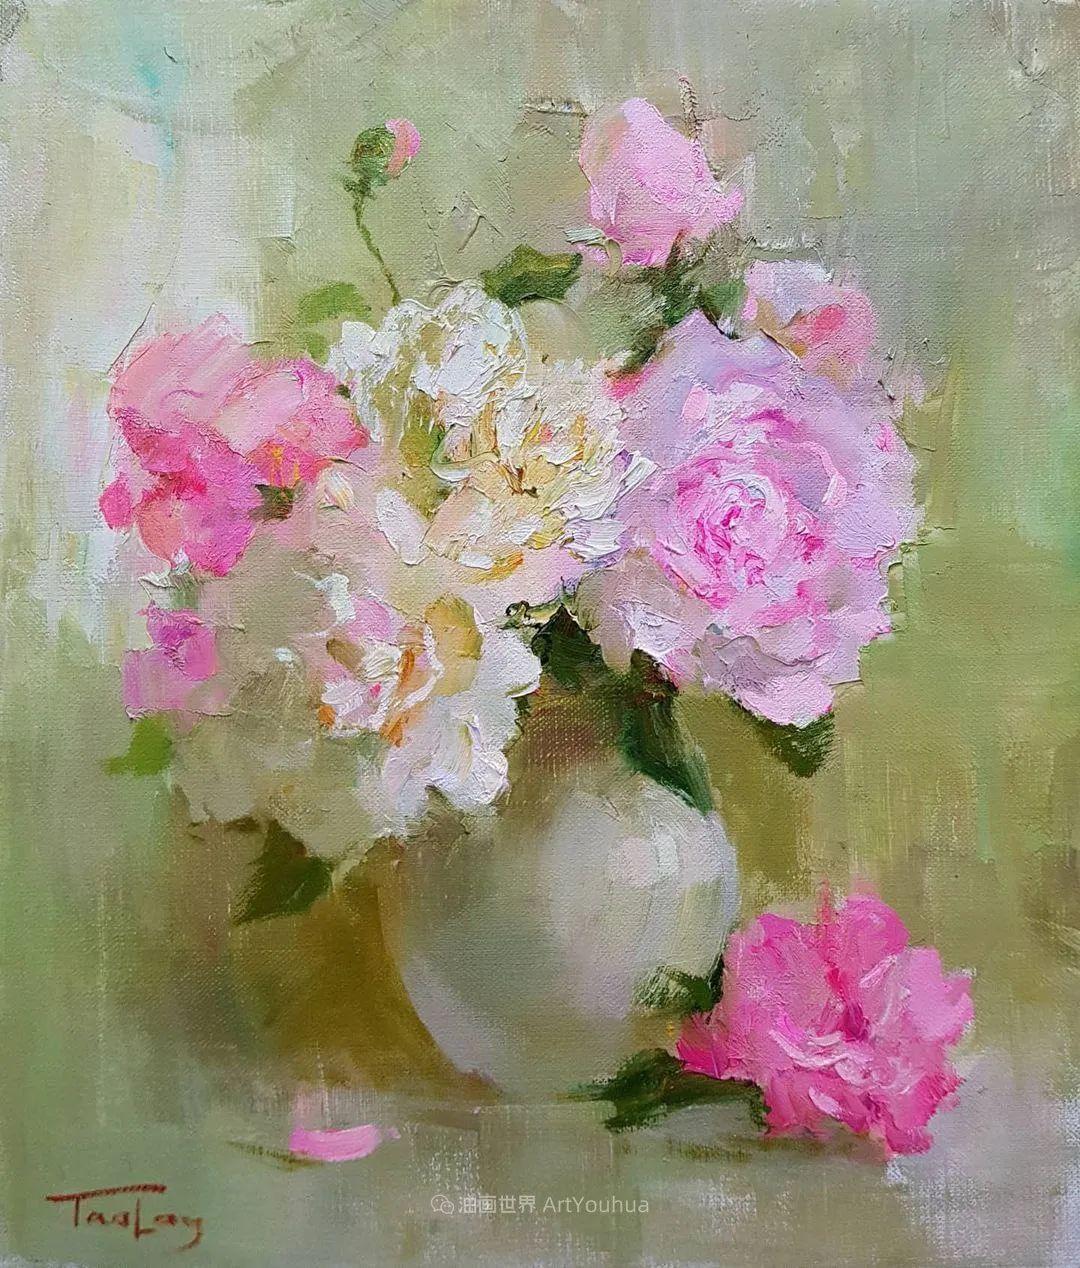 他的花儿如此生动和明亮,充满了光和微妙的东方哲学!插图31